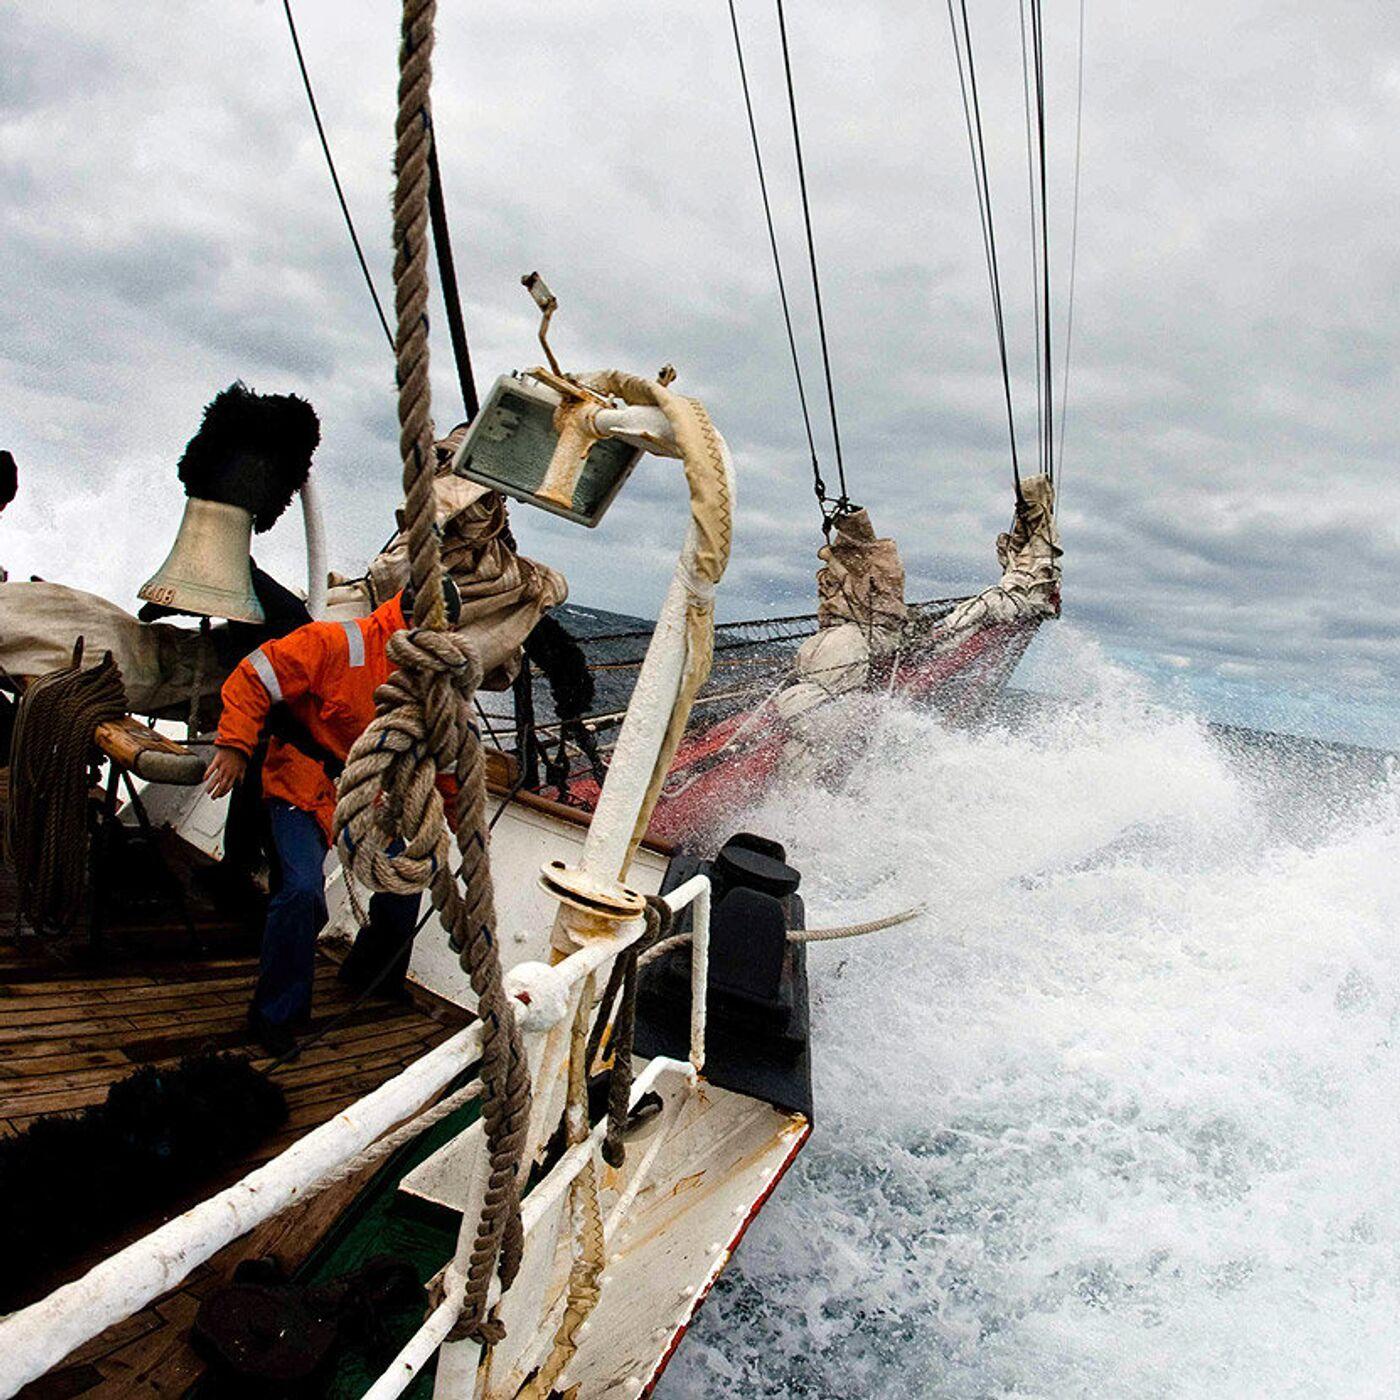 Обои лодка, бутылка, судно, настроения, Вода, корабль. Настроения foto 15